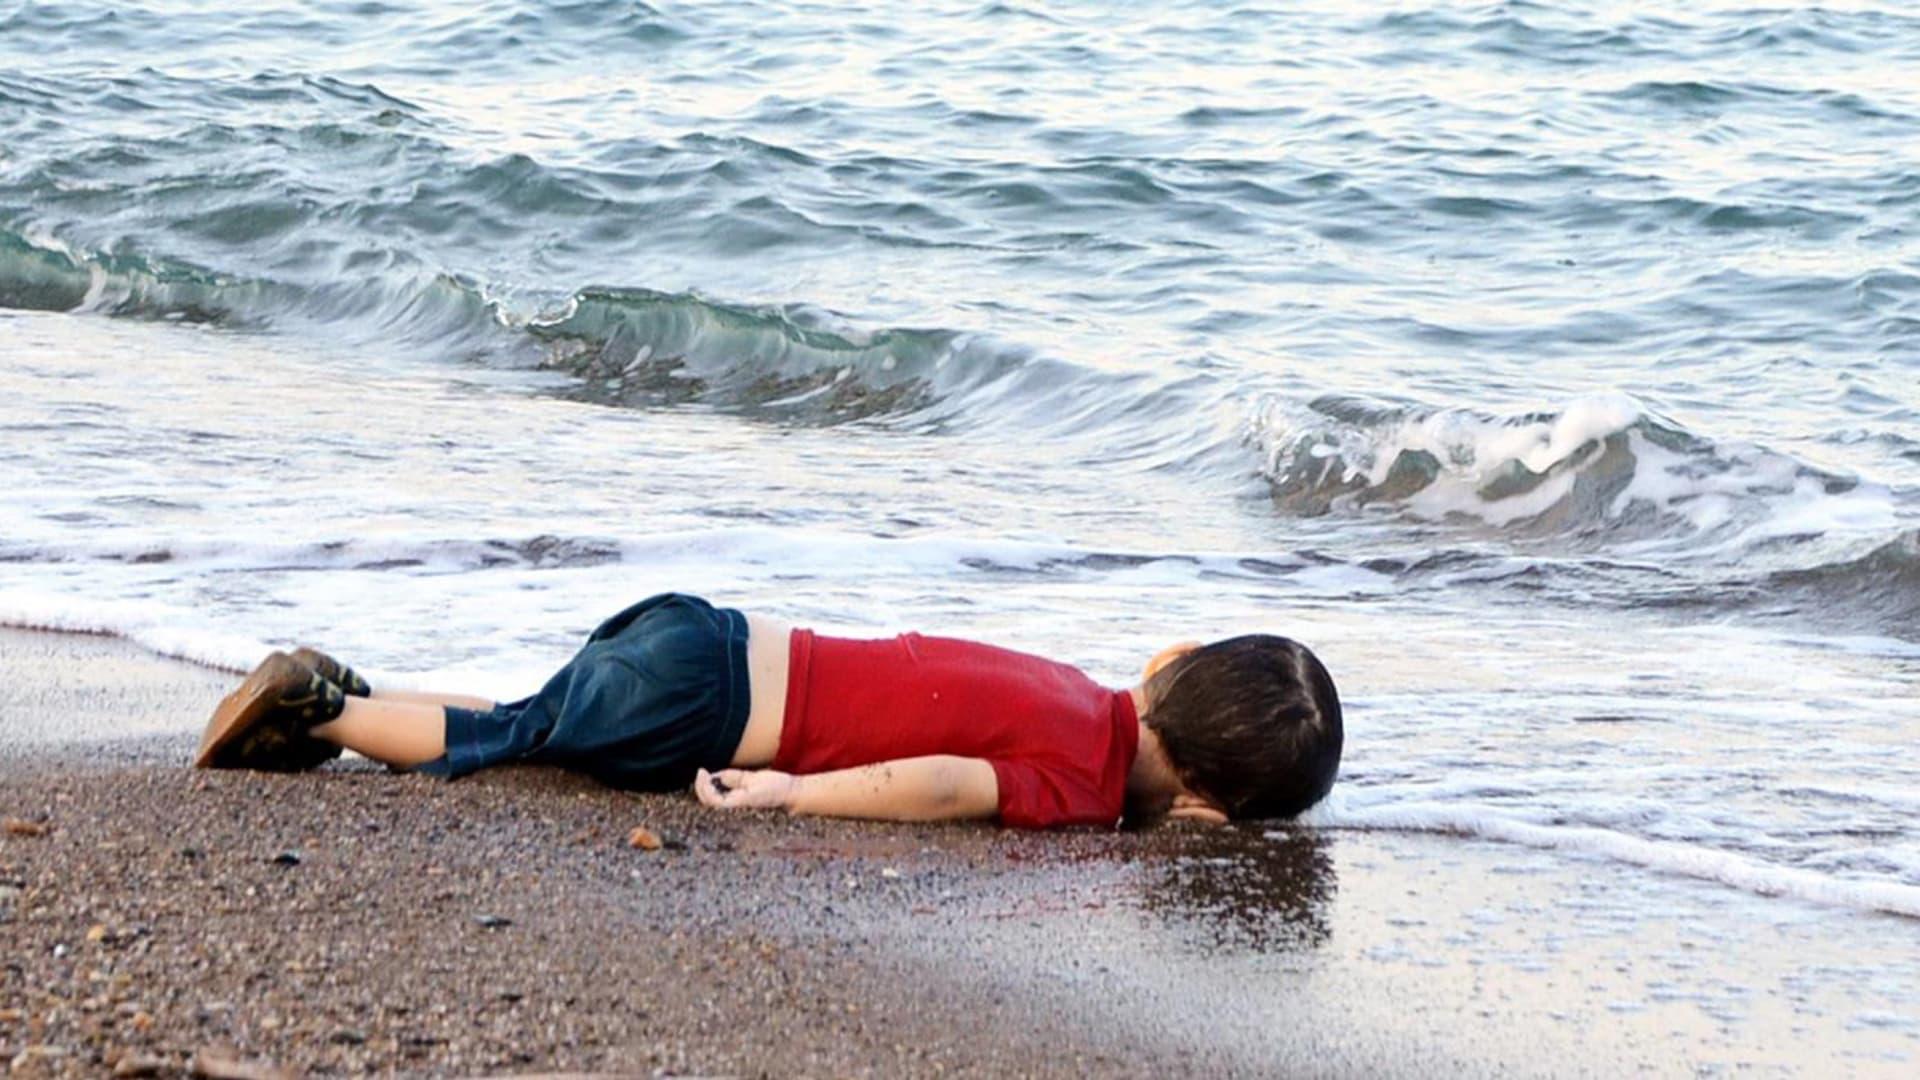 البابا فرنسيس يلتقي والد آلان كردي الذي غرق مع أخيه وأمه على الساحل التركي